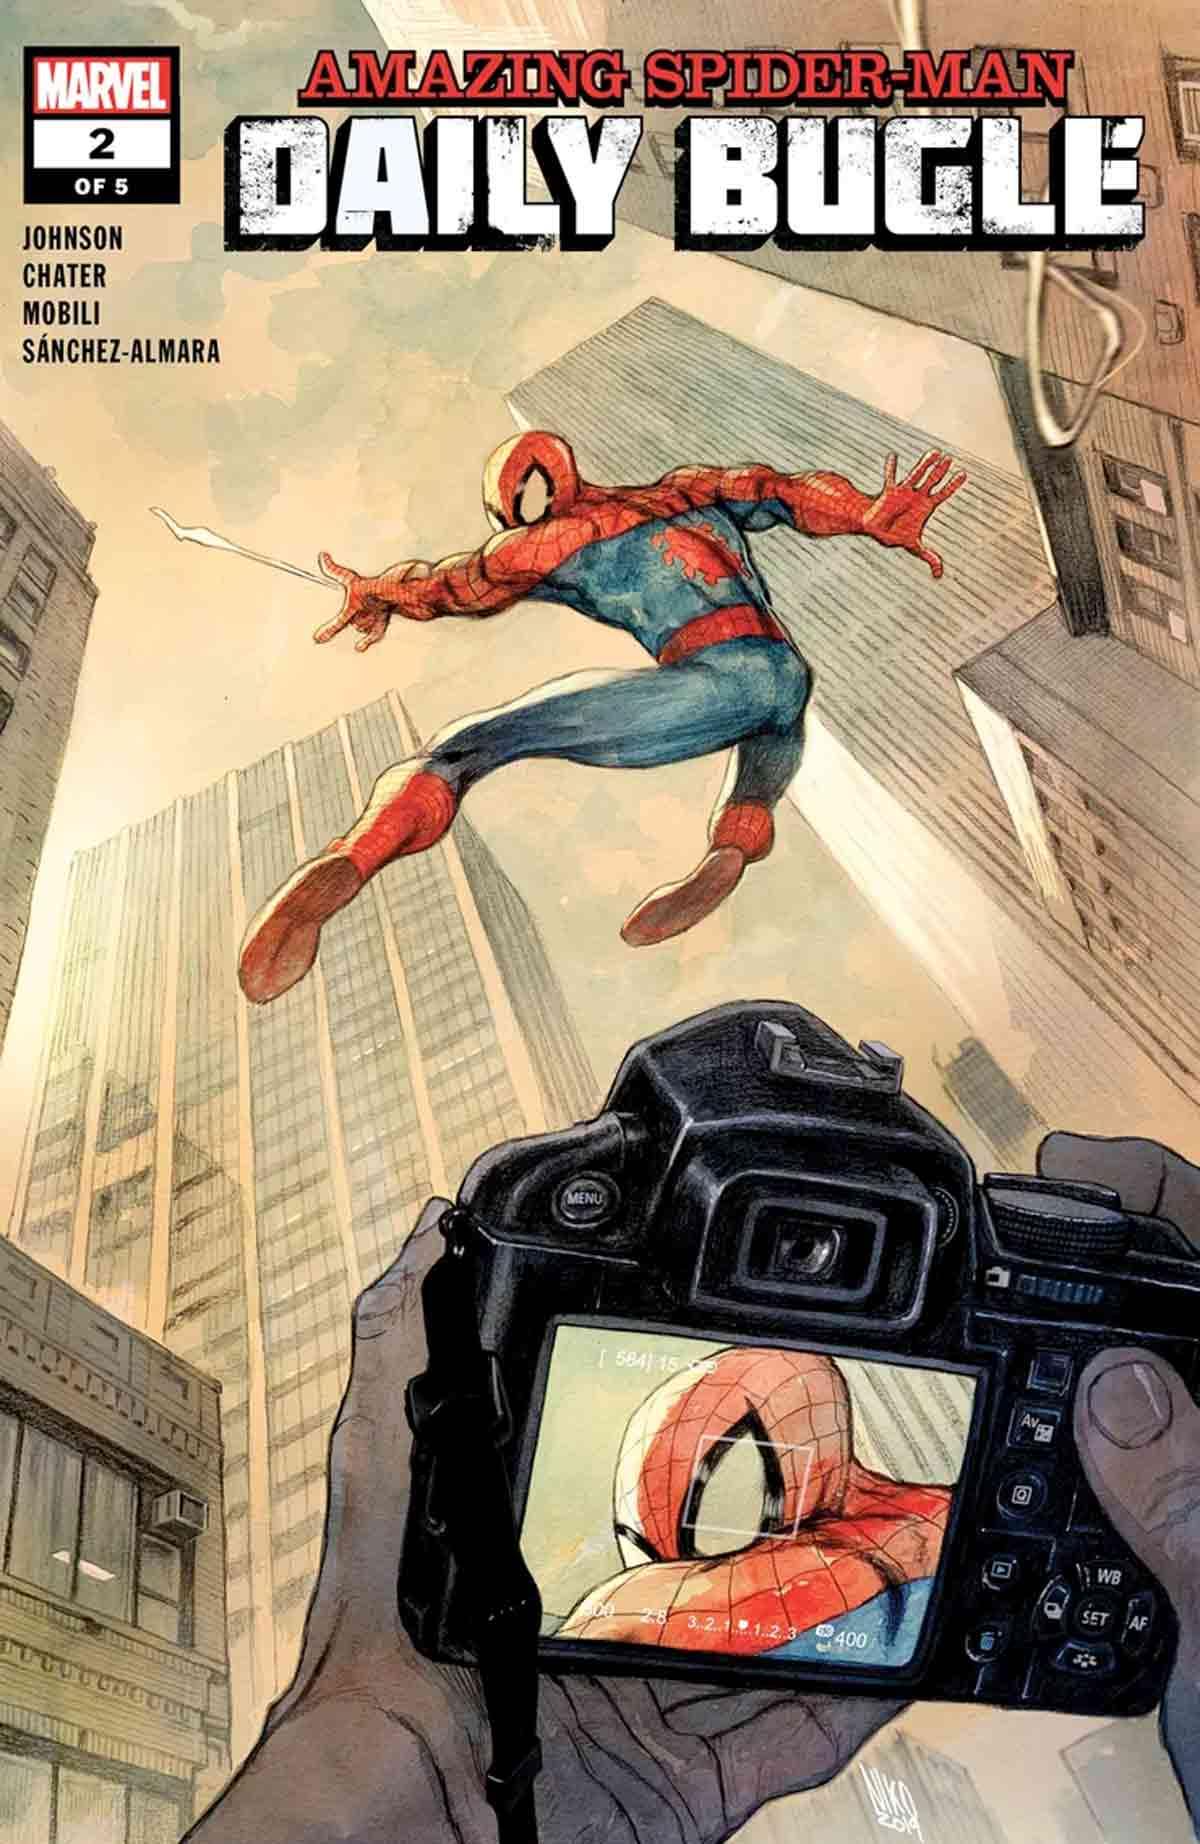 Spider-Man ha sido acusado de asesinato